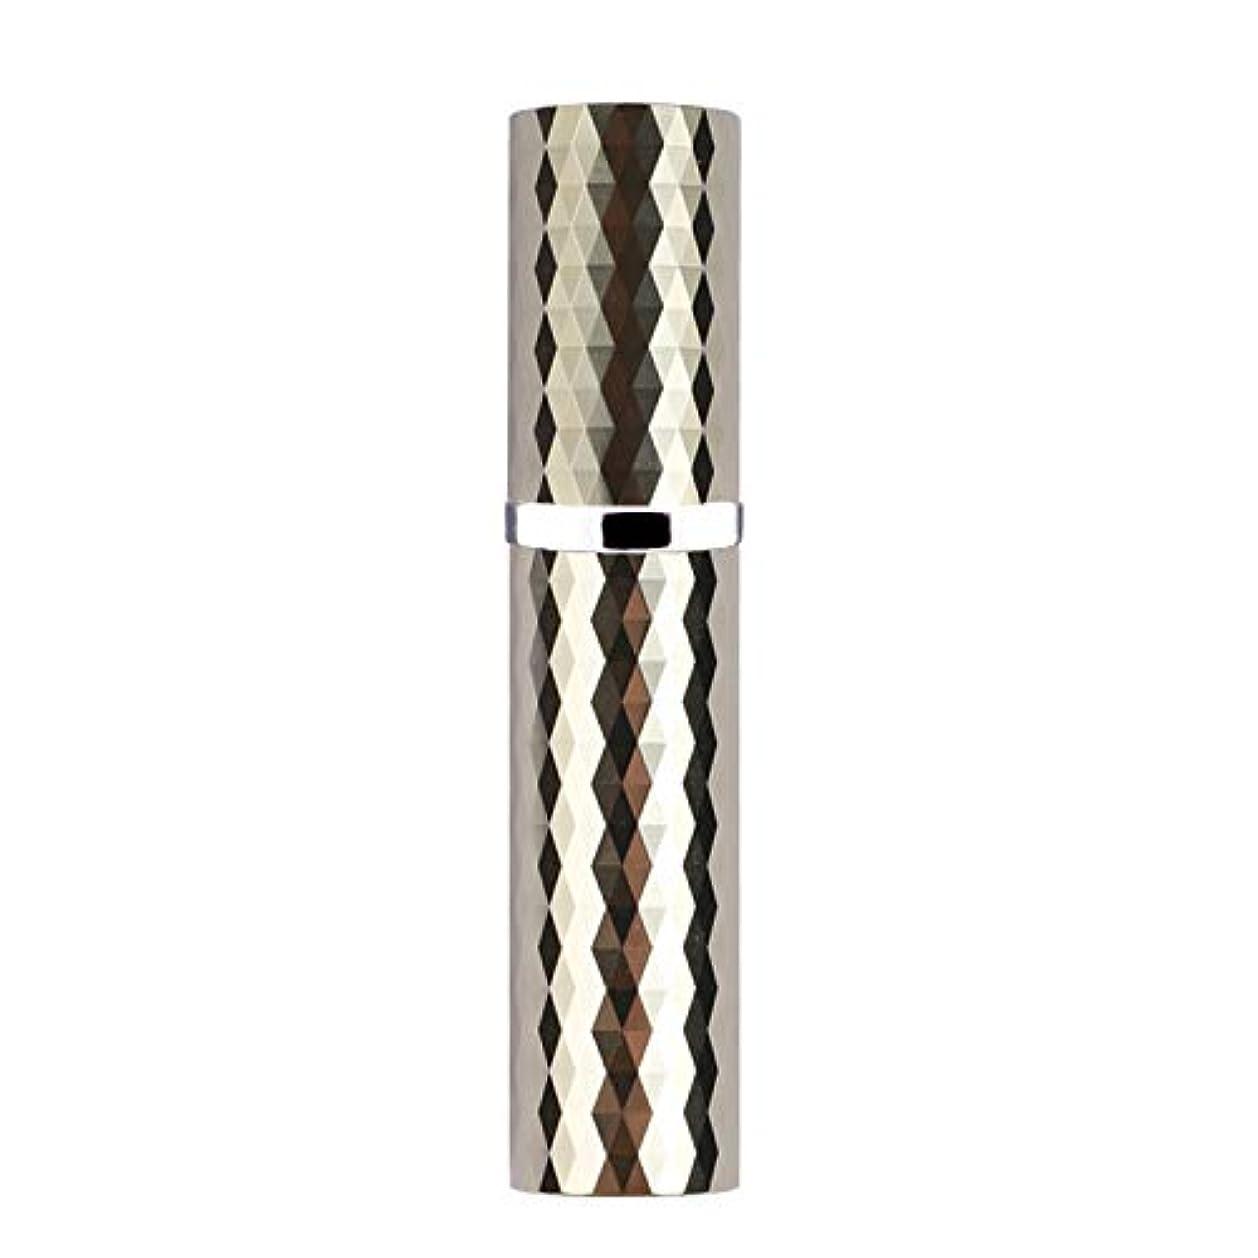 MOOMU アトマイザー 香水スプレー 噴霧器 詰め替え容器 底部充填方式 携帯用5ml (グリーン LightGreen)